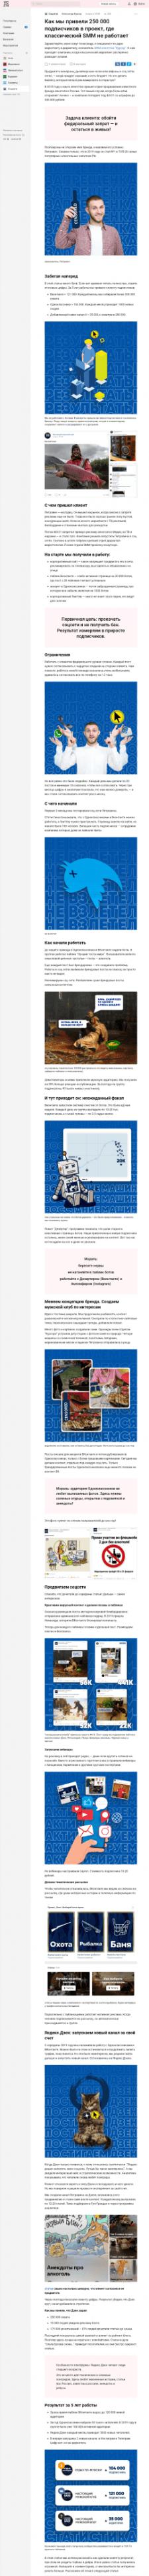 Статья для vc.ru: как работать в дарк-маркетинге